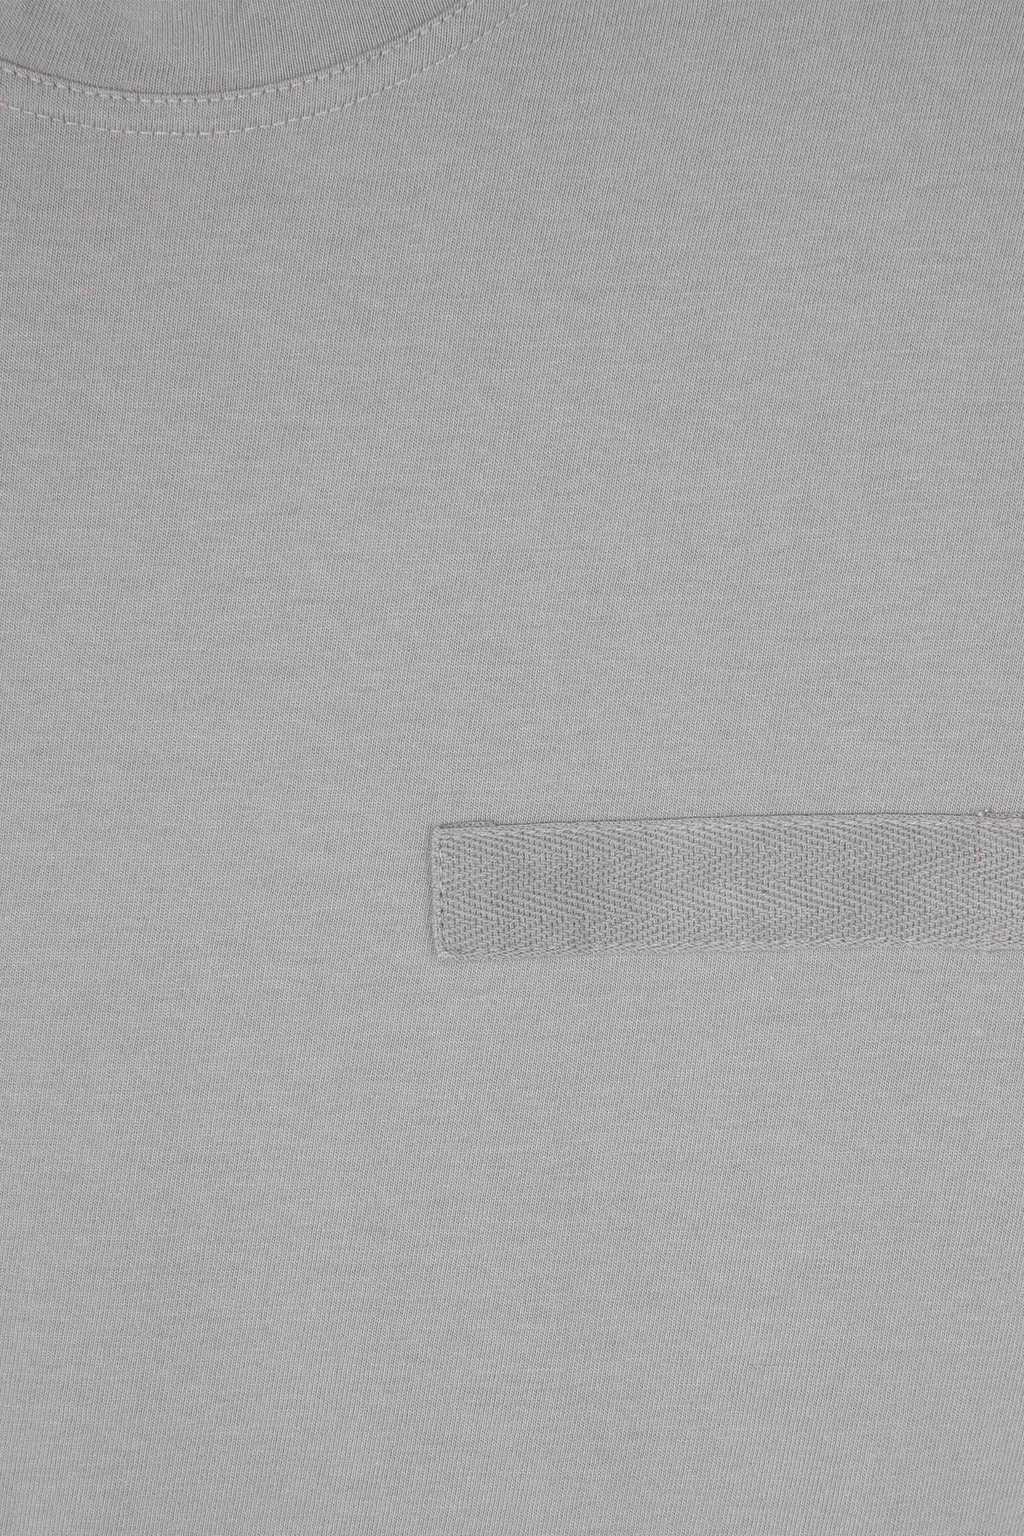 TShirt K006M Gray 6